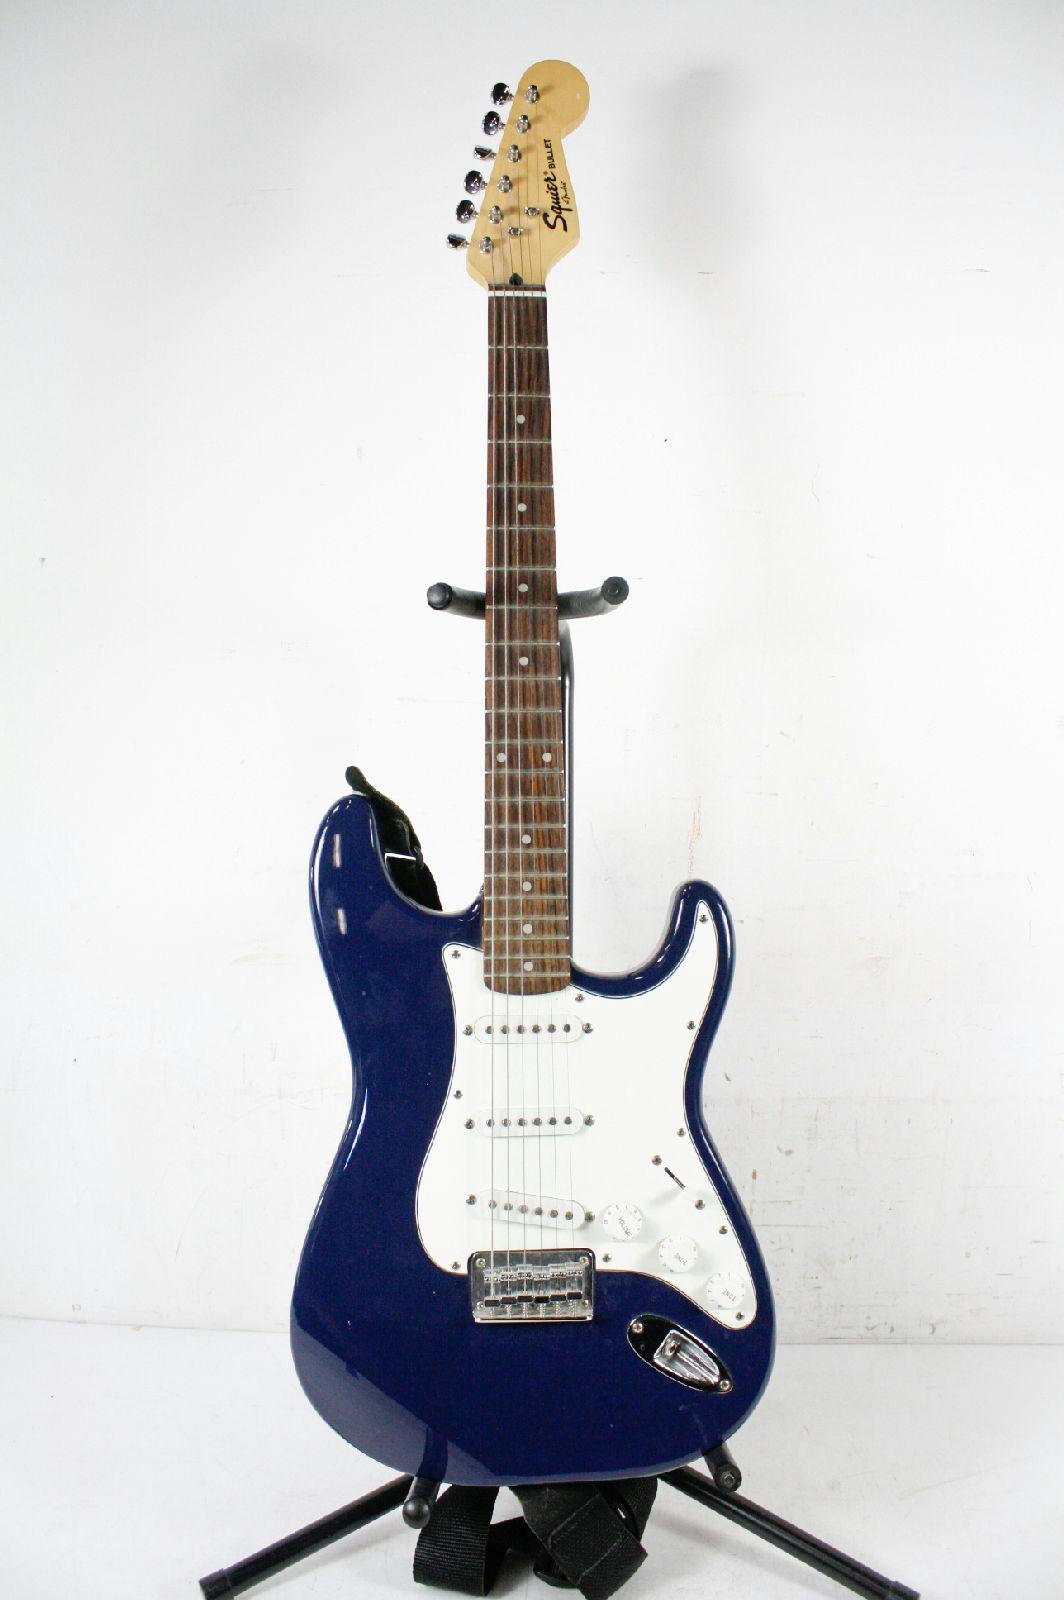 fender squier bullet blue electric guitar with case ebay. Black Bedroom Furniture Sets. Home Design Ideas